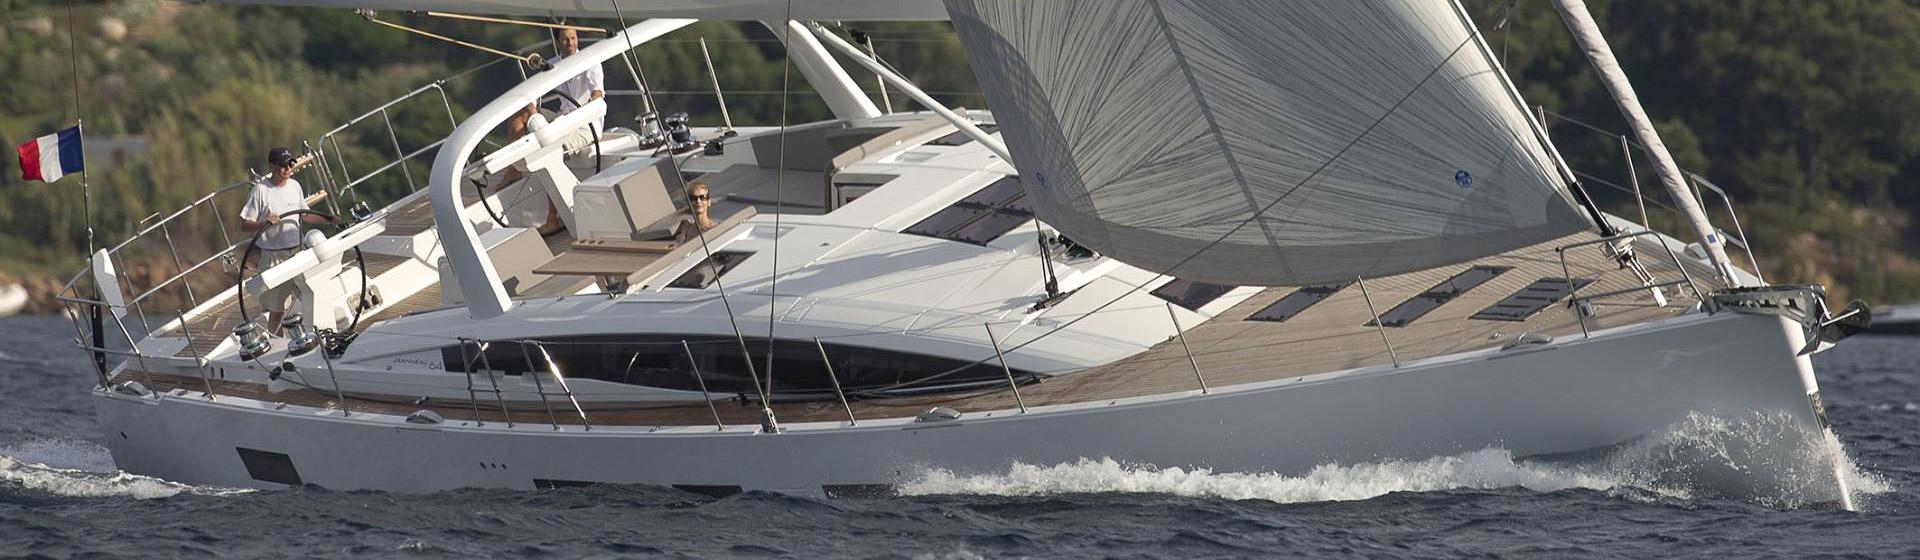 Voilier Jeanneau Yachts 64, voilier de croisière Marseille, Yacht Méditerranée.